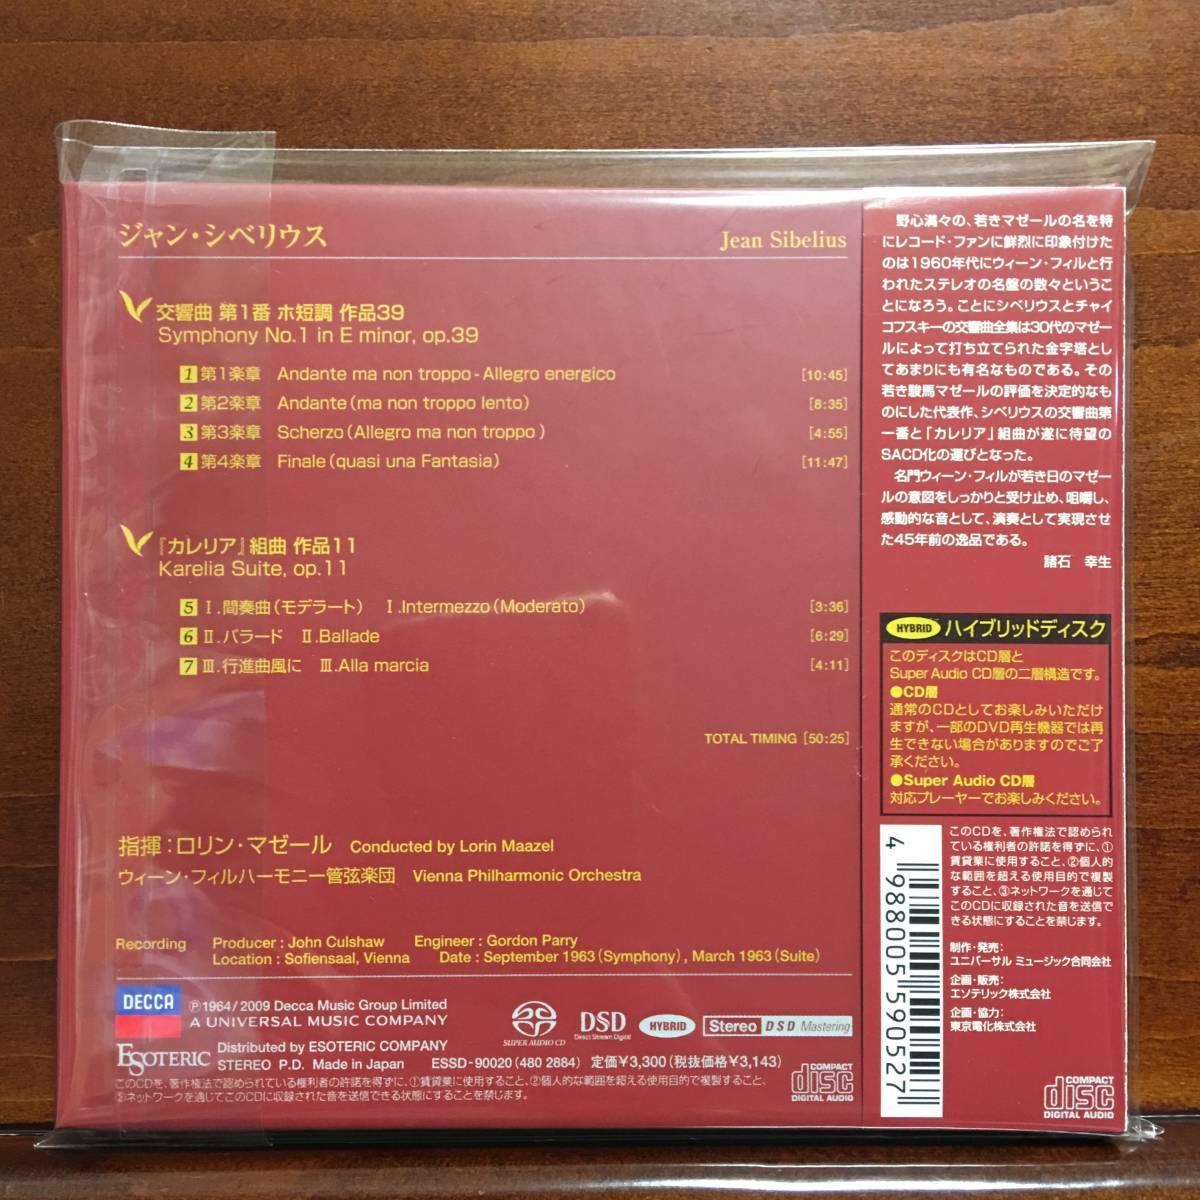 【極美品】★ESOTERIC マゼール シベリウス 交響曲第1番 SACD エソテリック_画像2